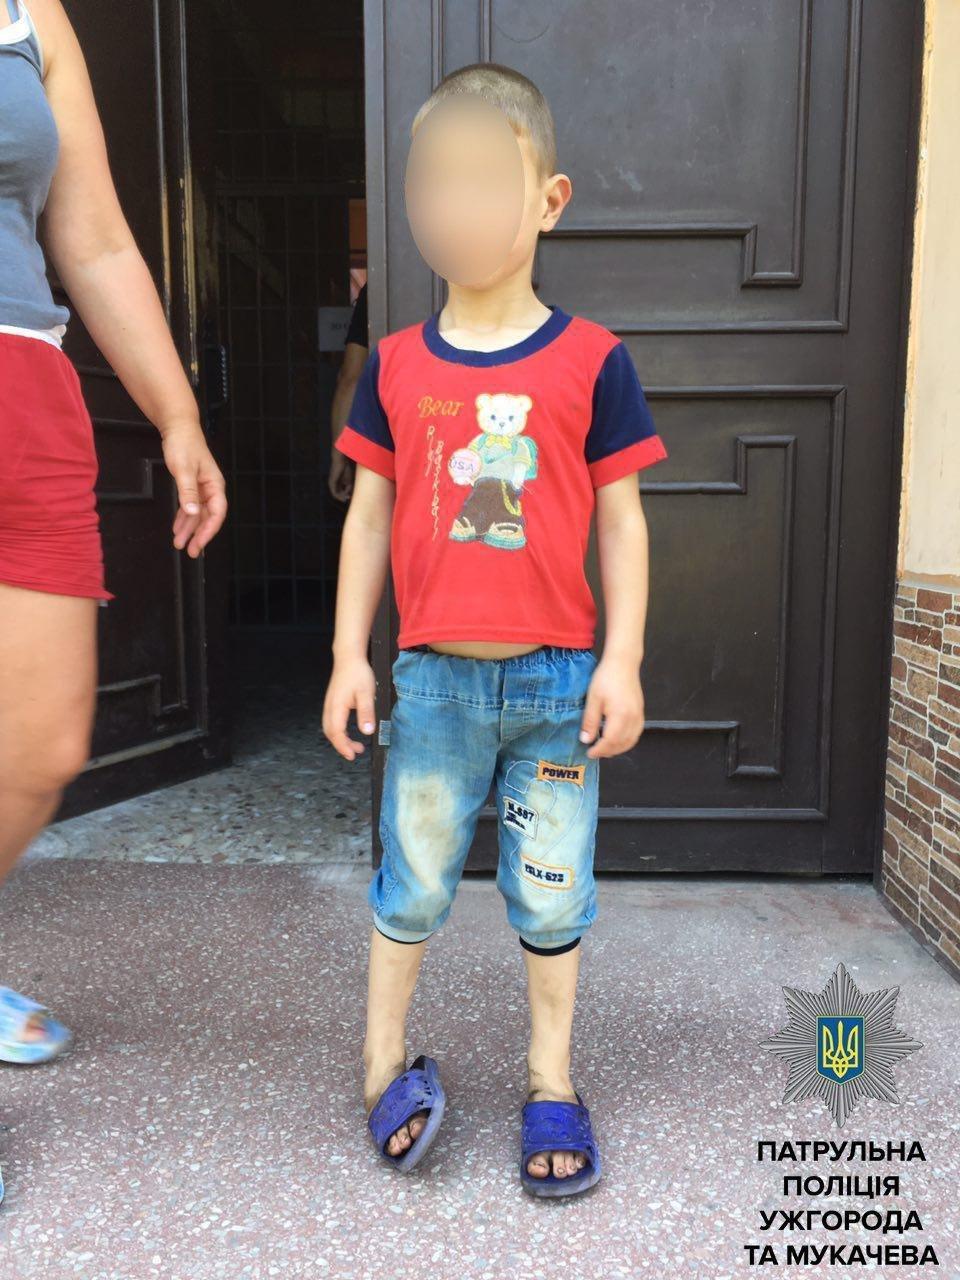 У Мукачеві патрульні натрапили на переляканого 5-річного хлопчика, який не розмовляв і не міг знайти батьків: фото, фото-1